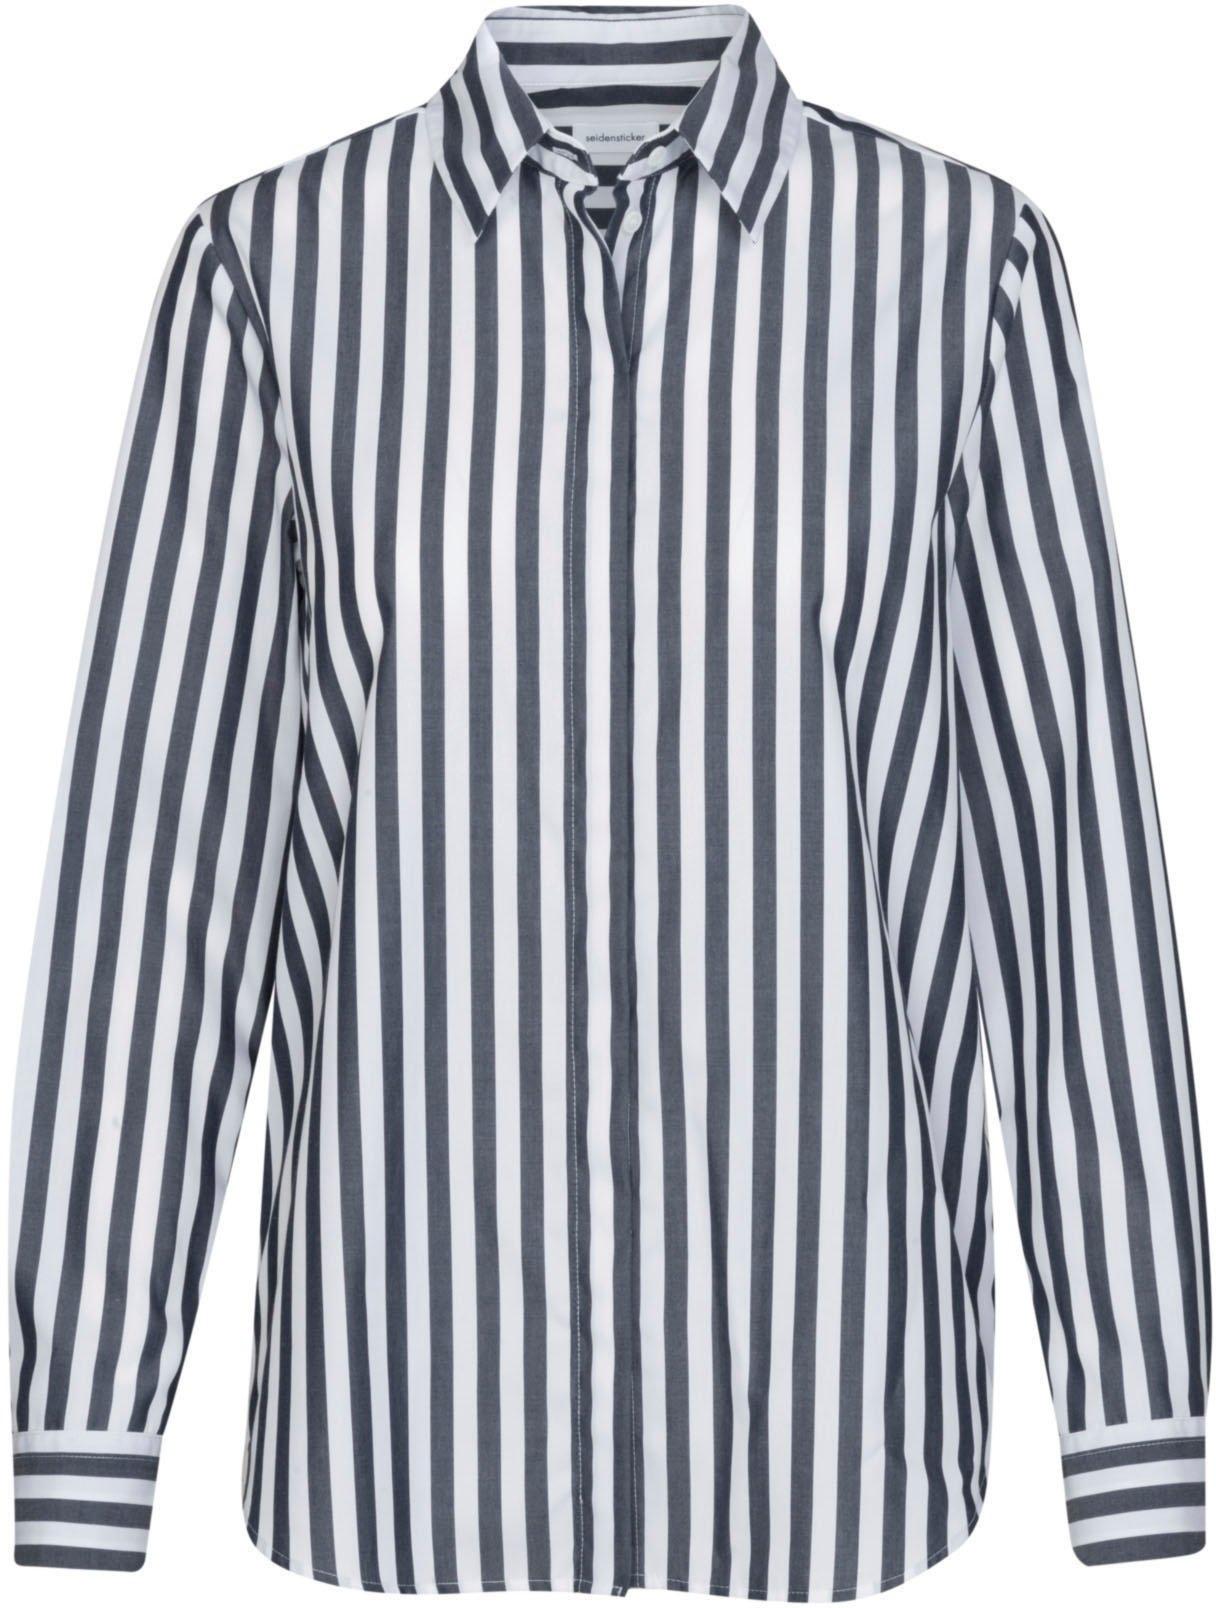 seidensticker overhemdblouse goedkoop op otto.nl kopen